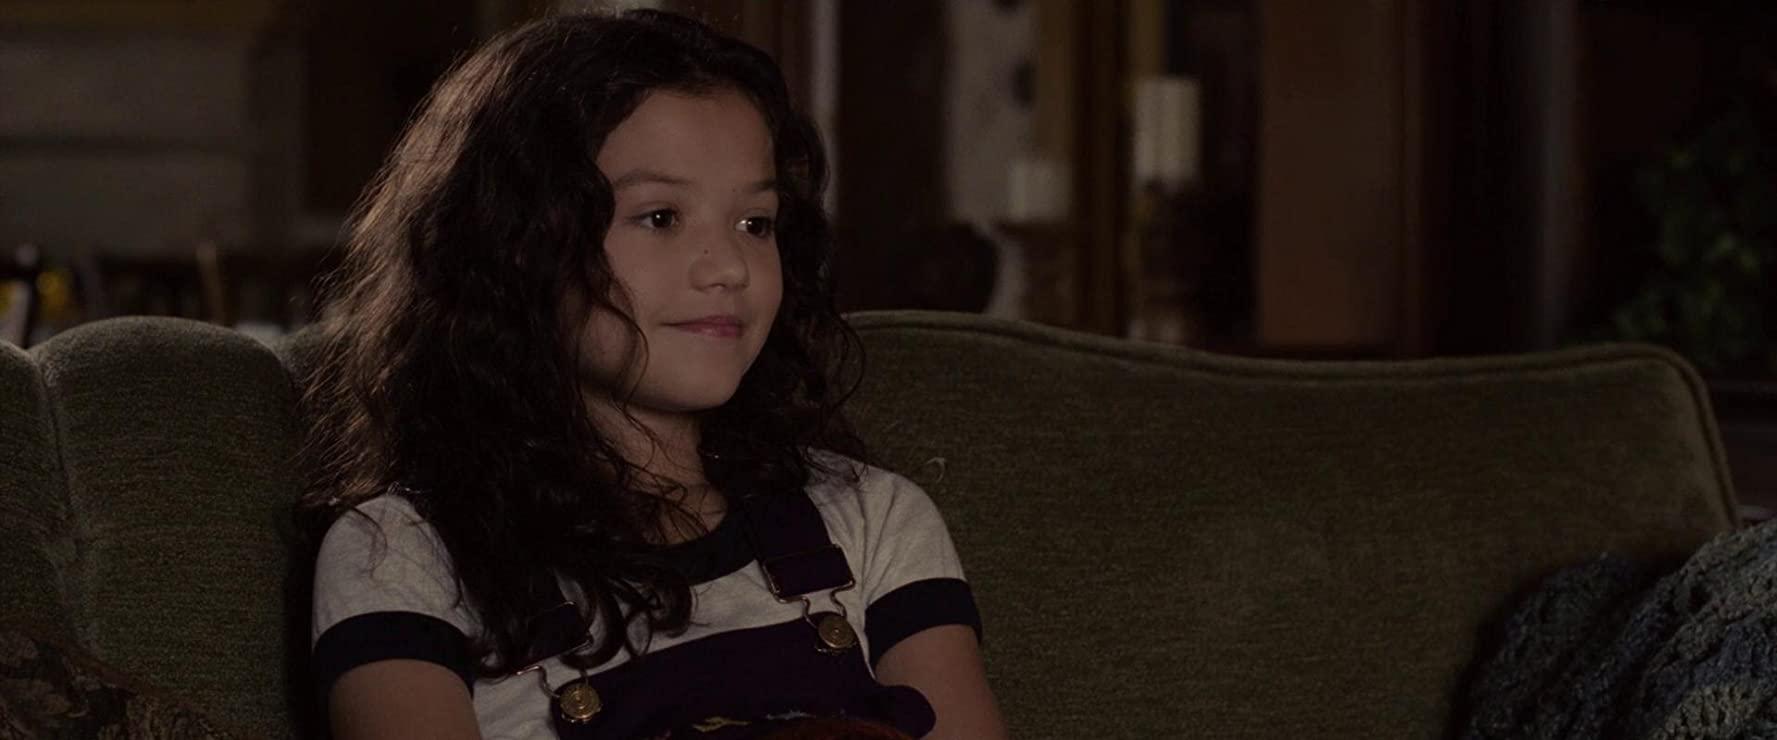 Jaynee-Lynne Kinchen as Samantha Garcia